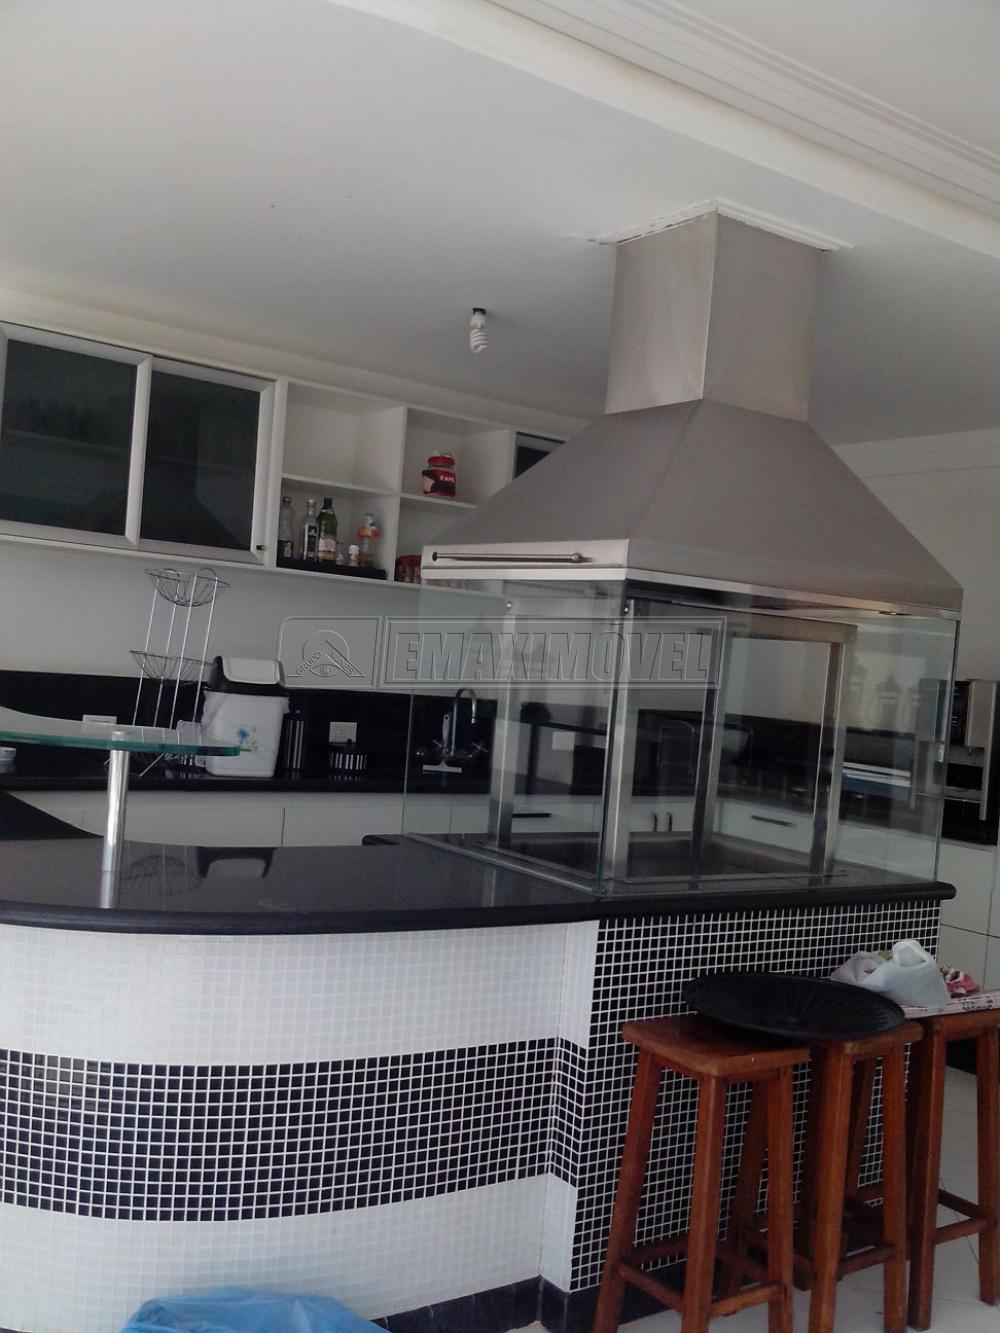 Comprar Casas / em Condomínios em Itu R$ 1.860.000,00 - Foto 24